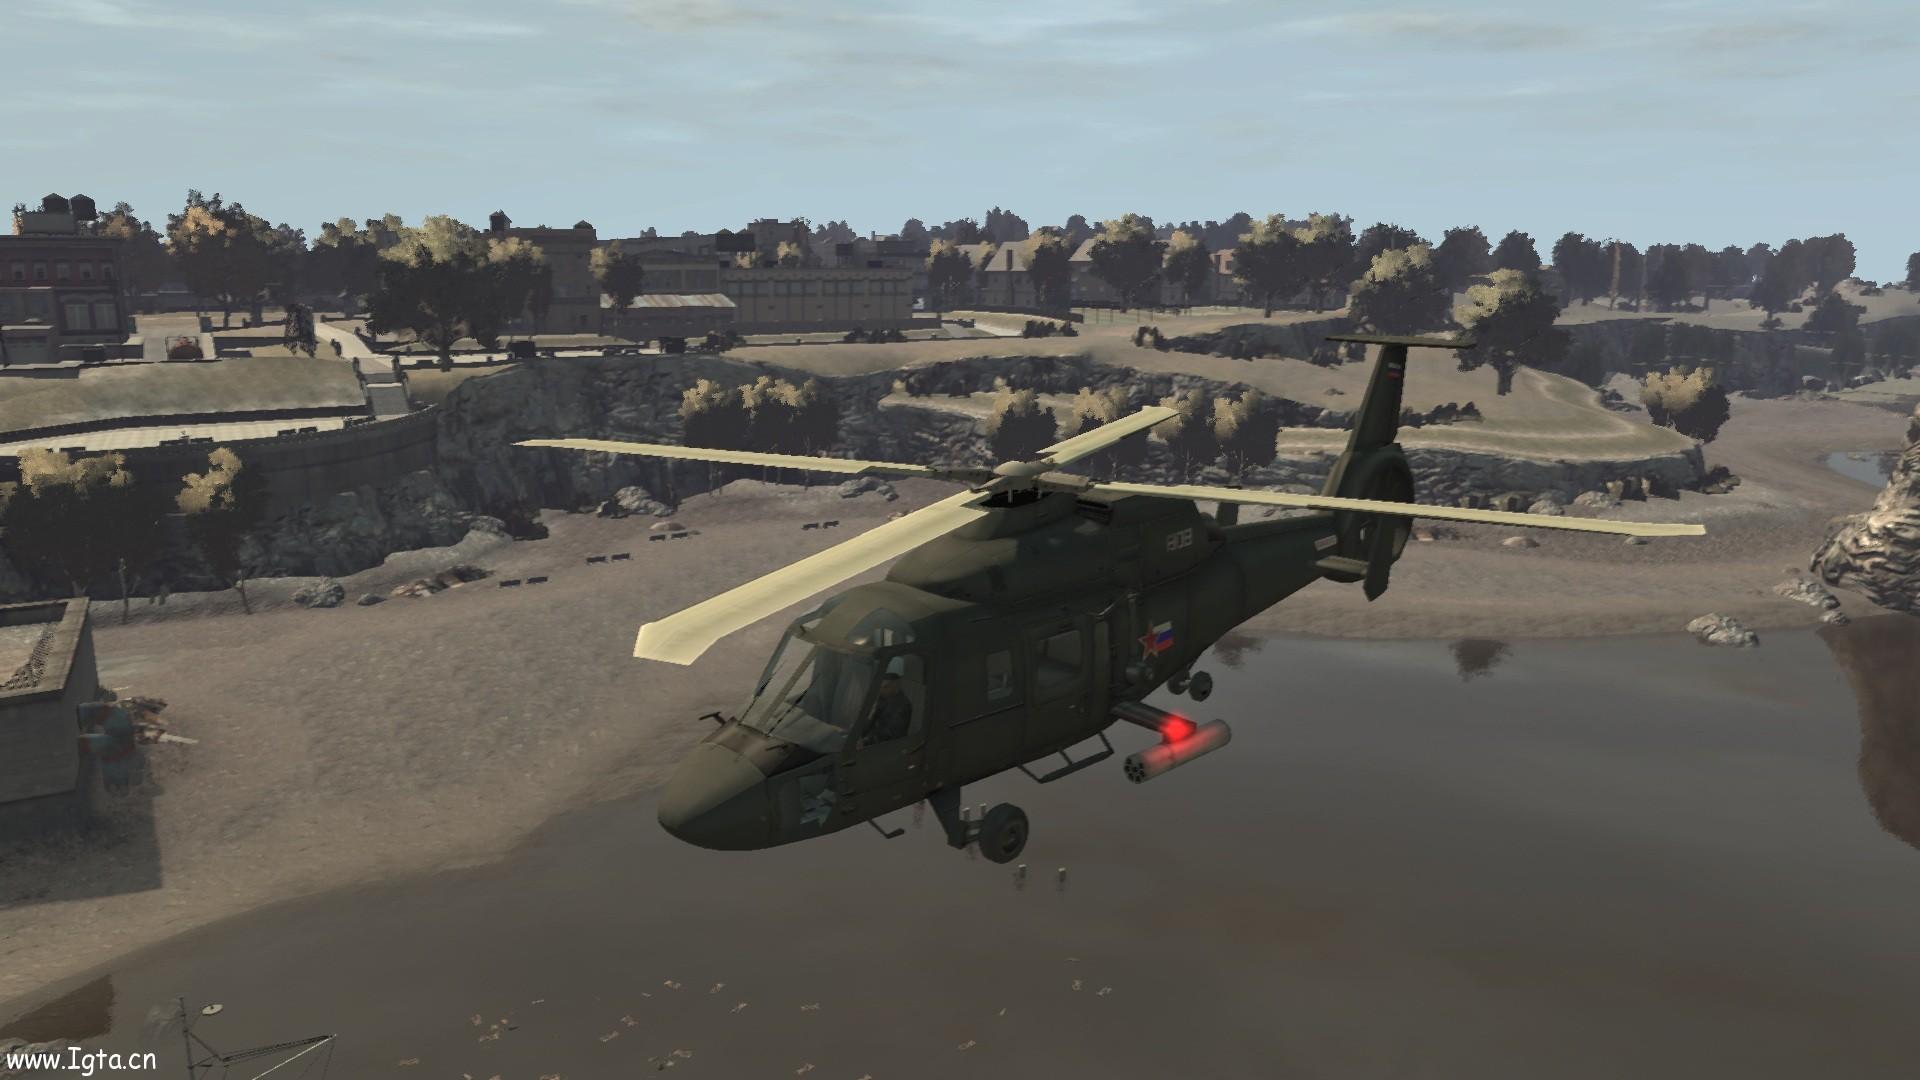 侠盗猎车手的直升飞机图片_《侠盗猎车手圣安地列斯》稀有的直升机和警